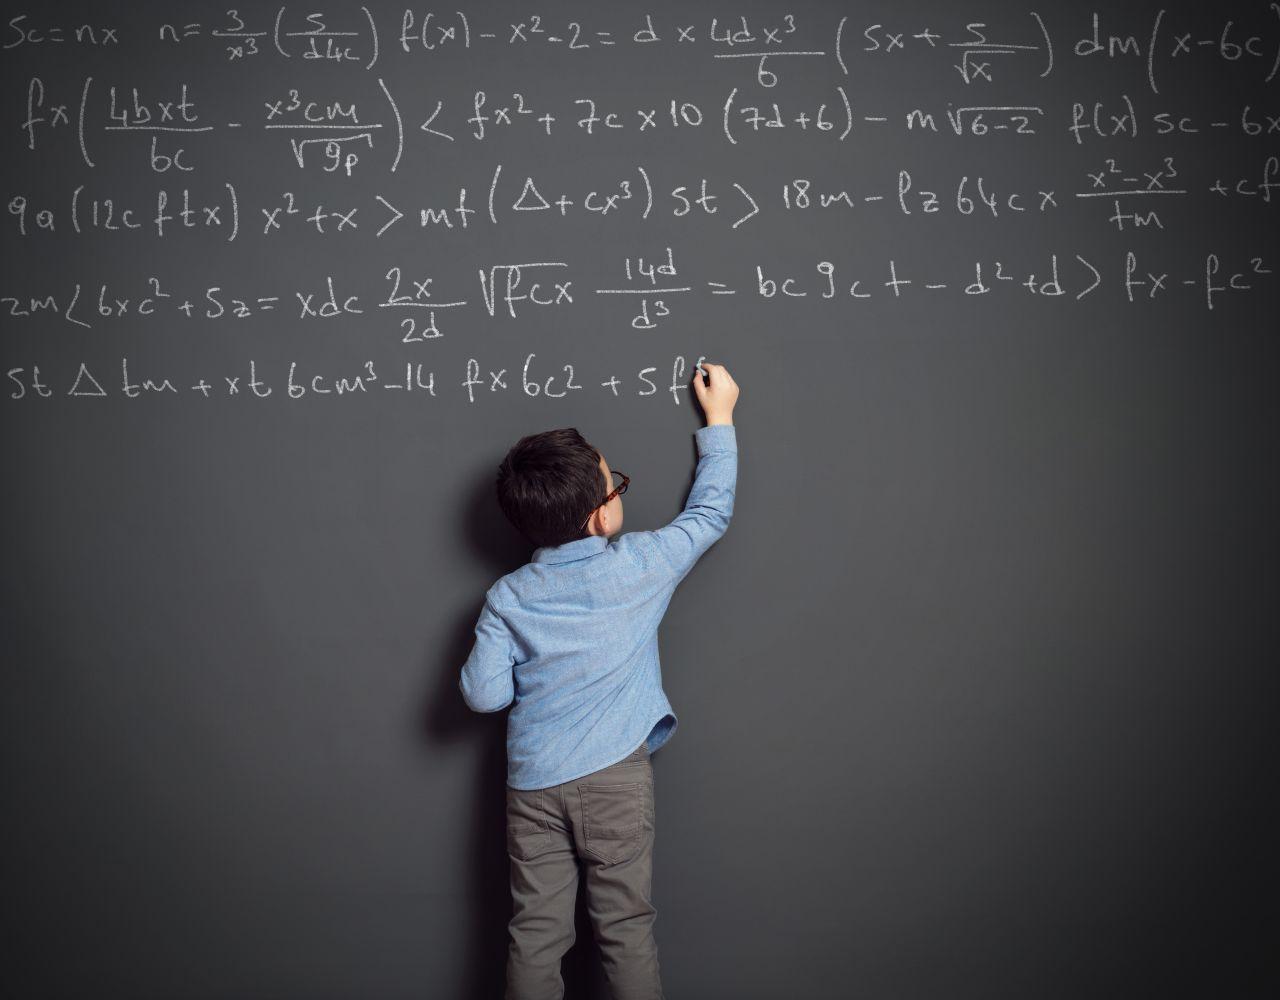 Kind schreibt Mathe-Formel an eine Tafel